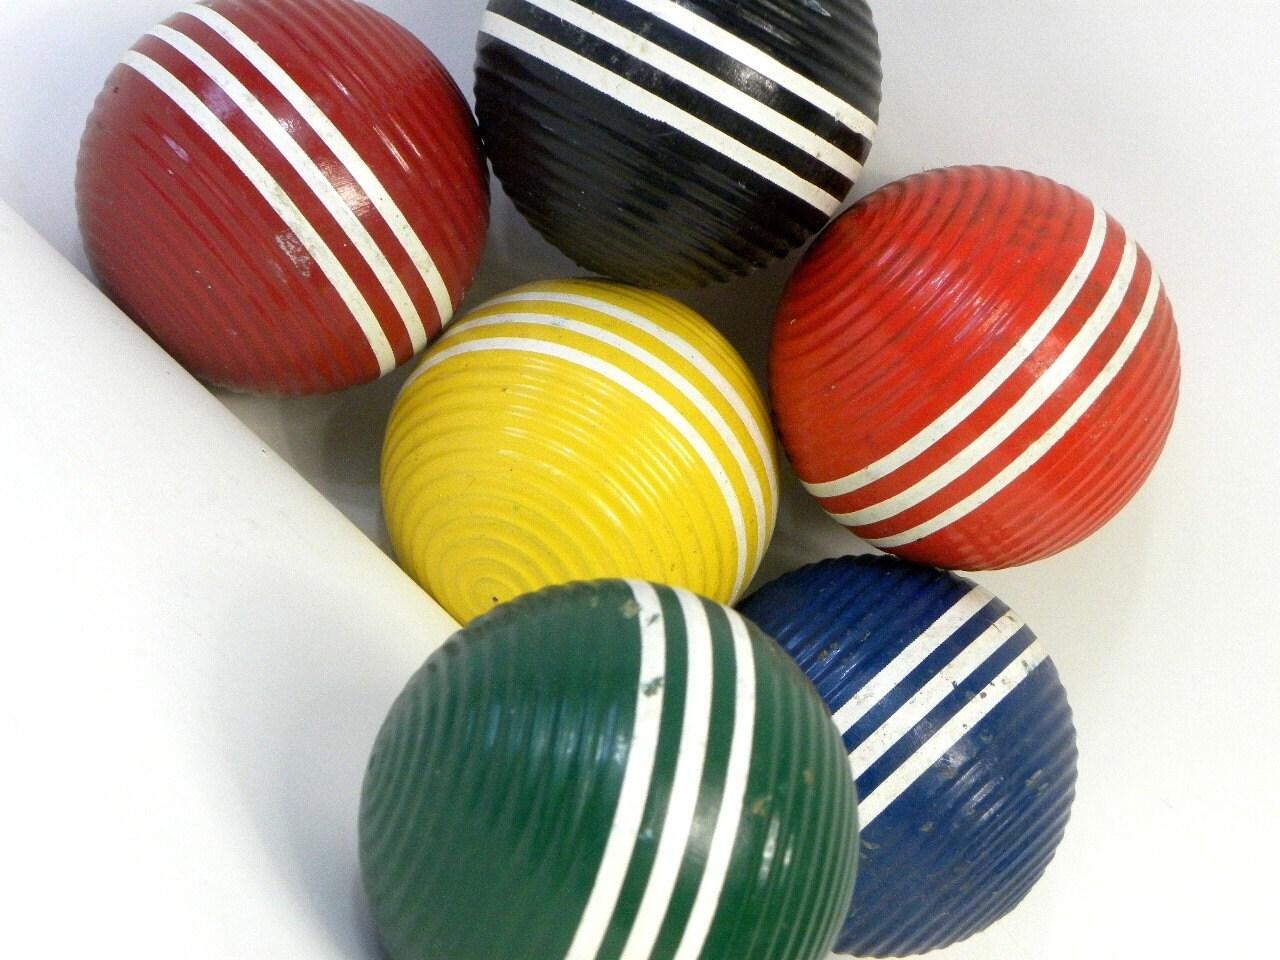 Six  Wooden Croquet Balls